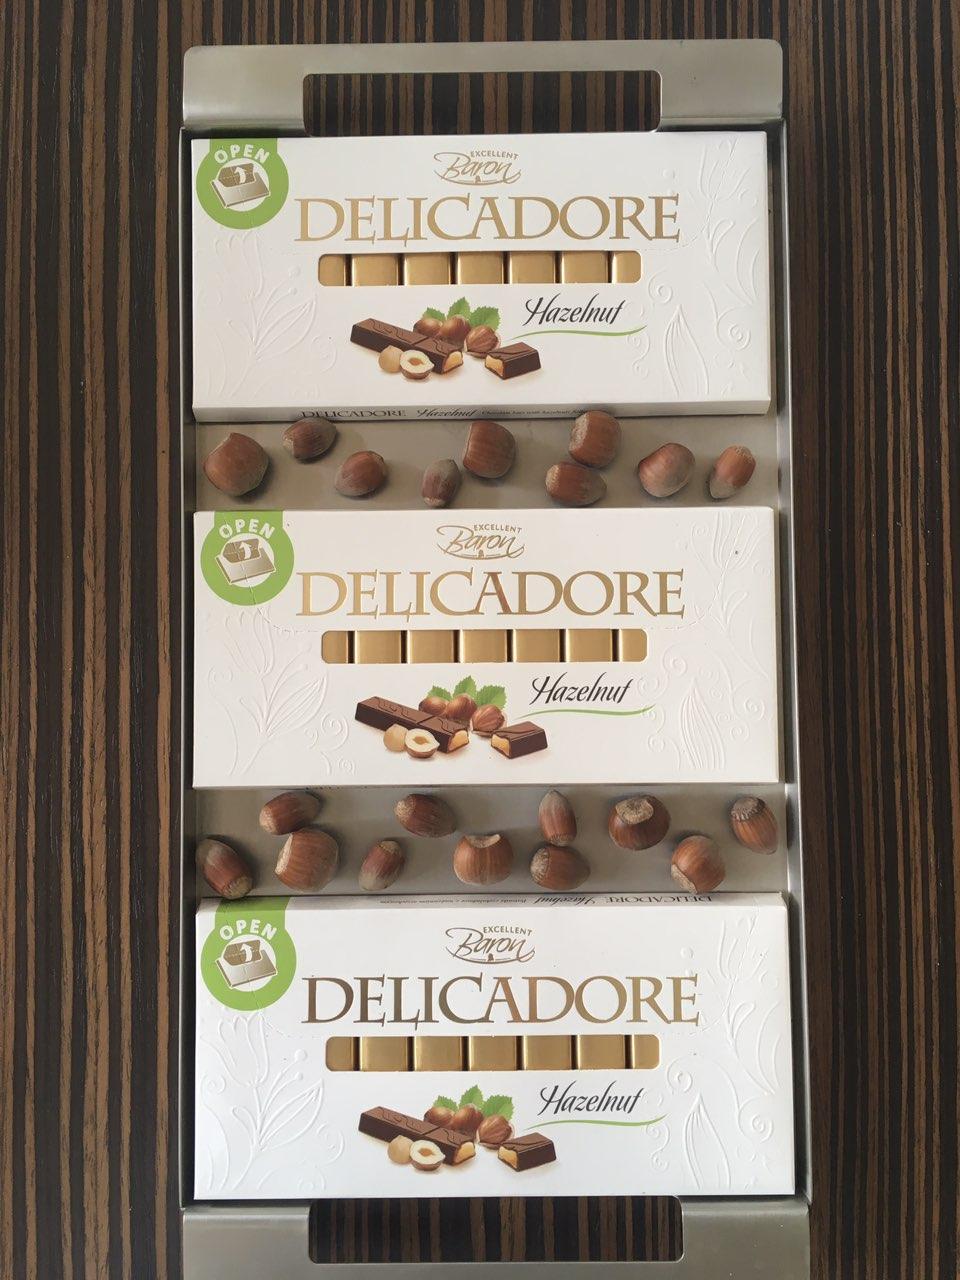 Baron Delicadore čokolada u borbi protiv stresa